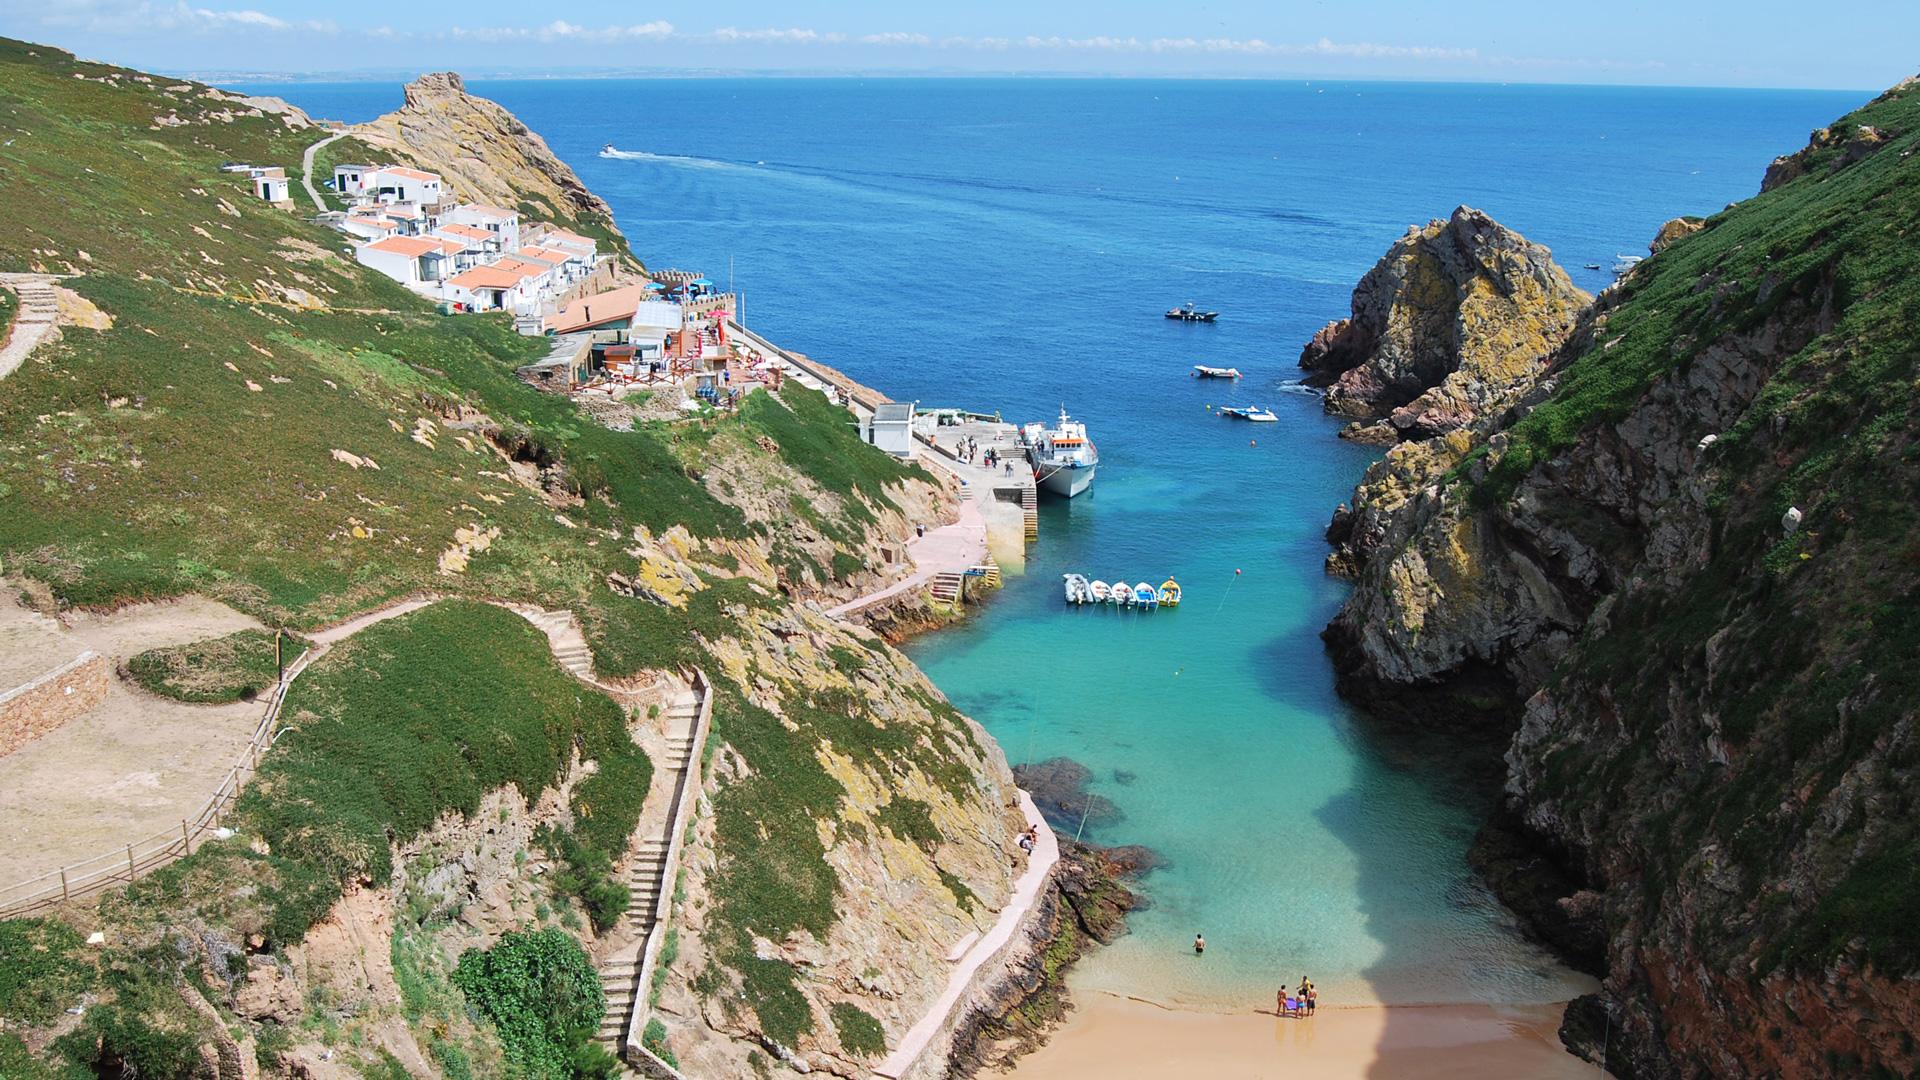 Arquipélago das Berlengas, Peniche, Portugal